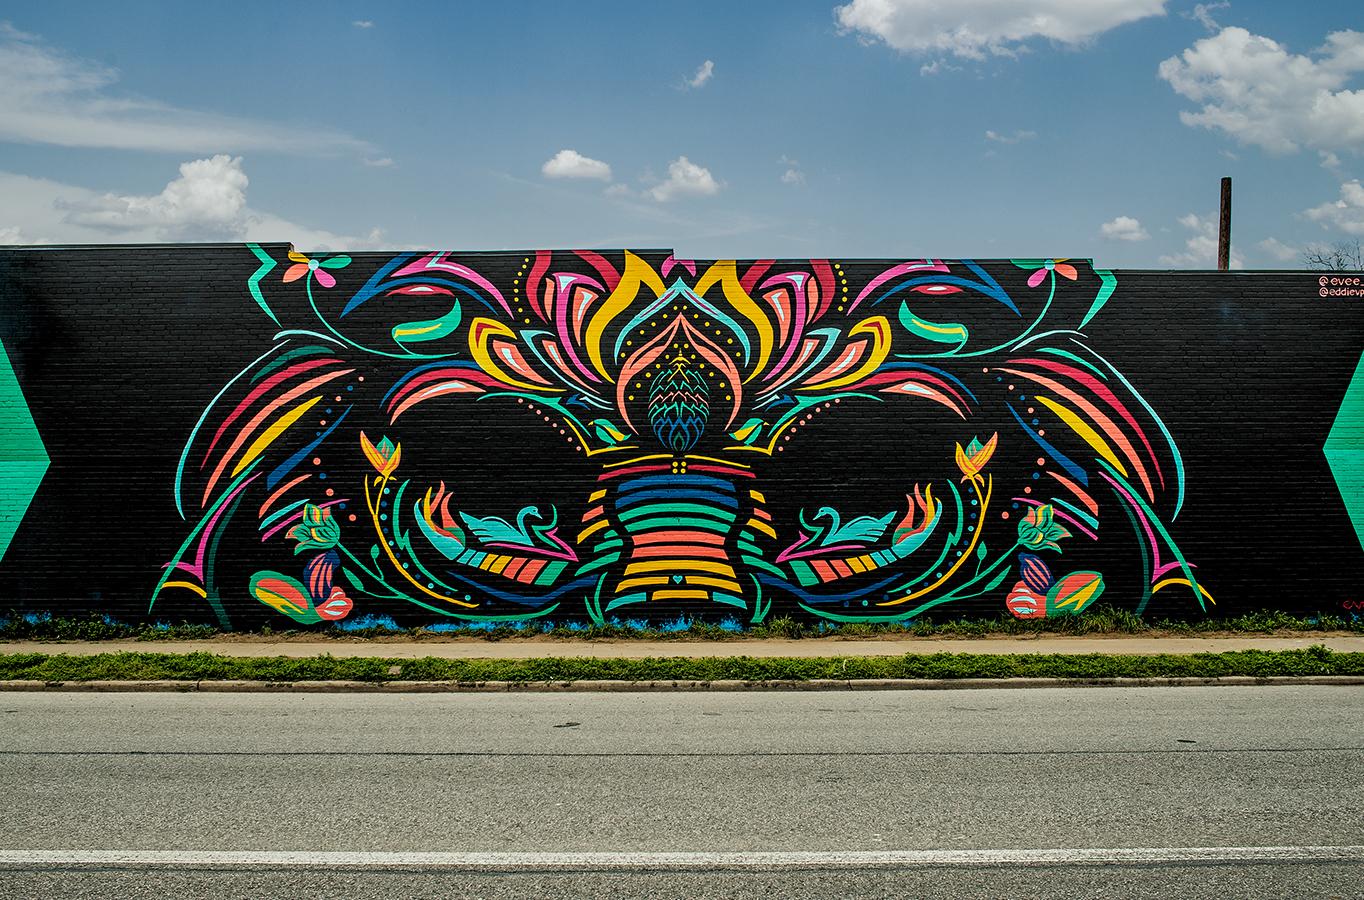 Downtown Austin Texas I-35